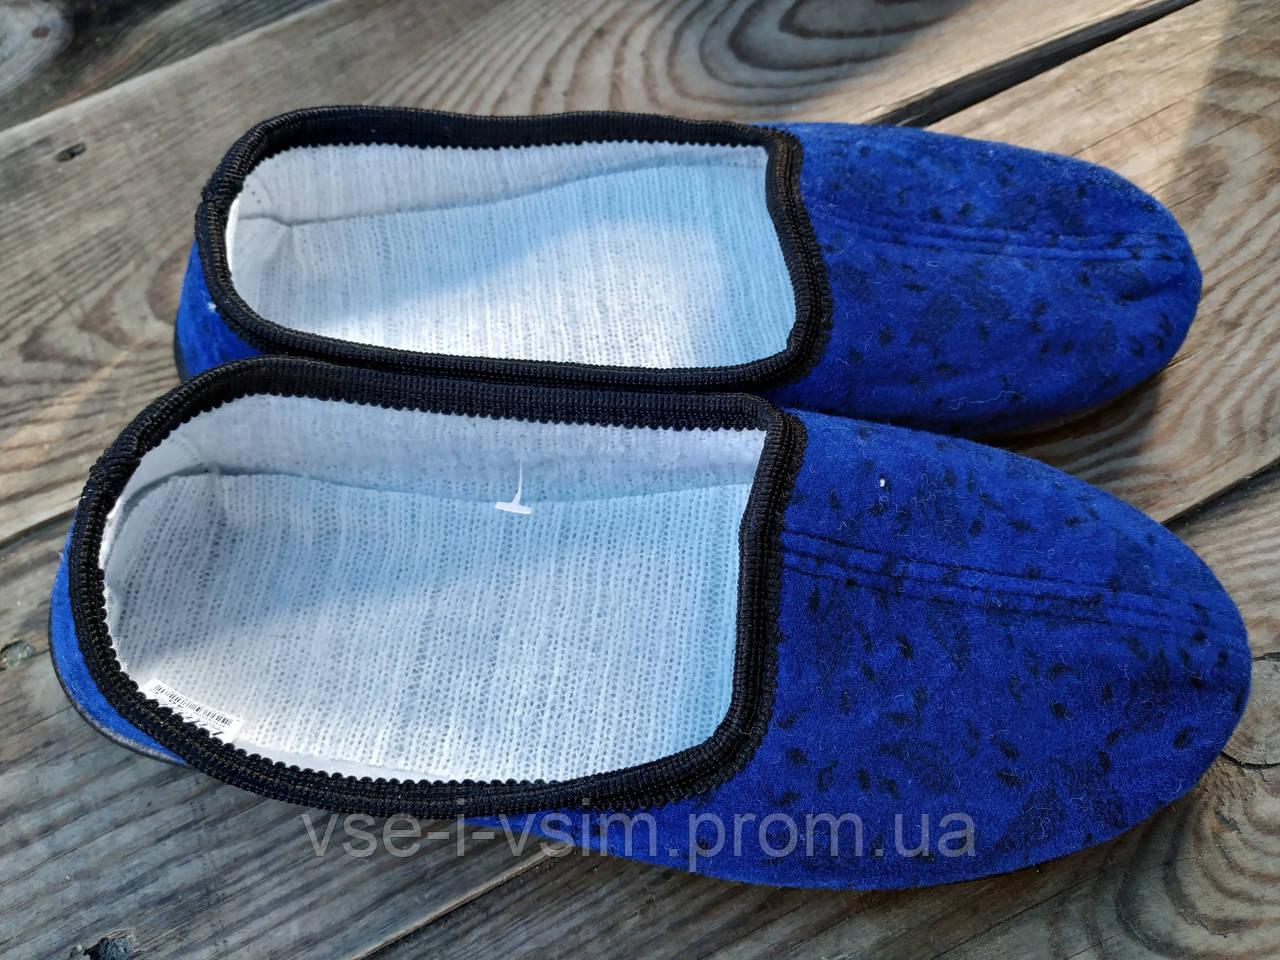 Тапочки Litma Жіночі 40 розмір